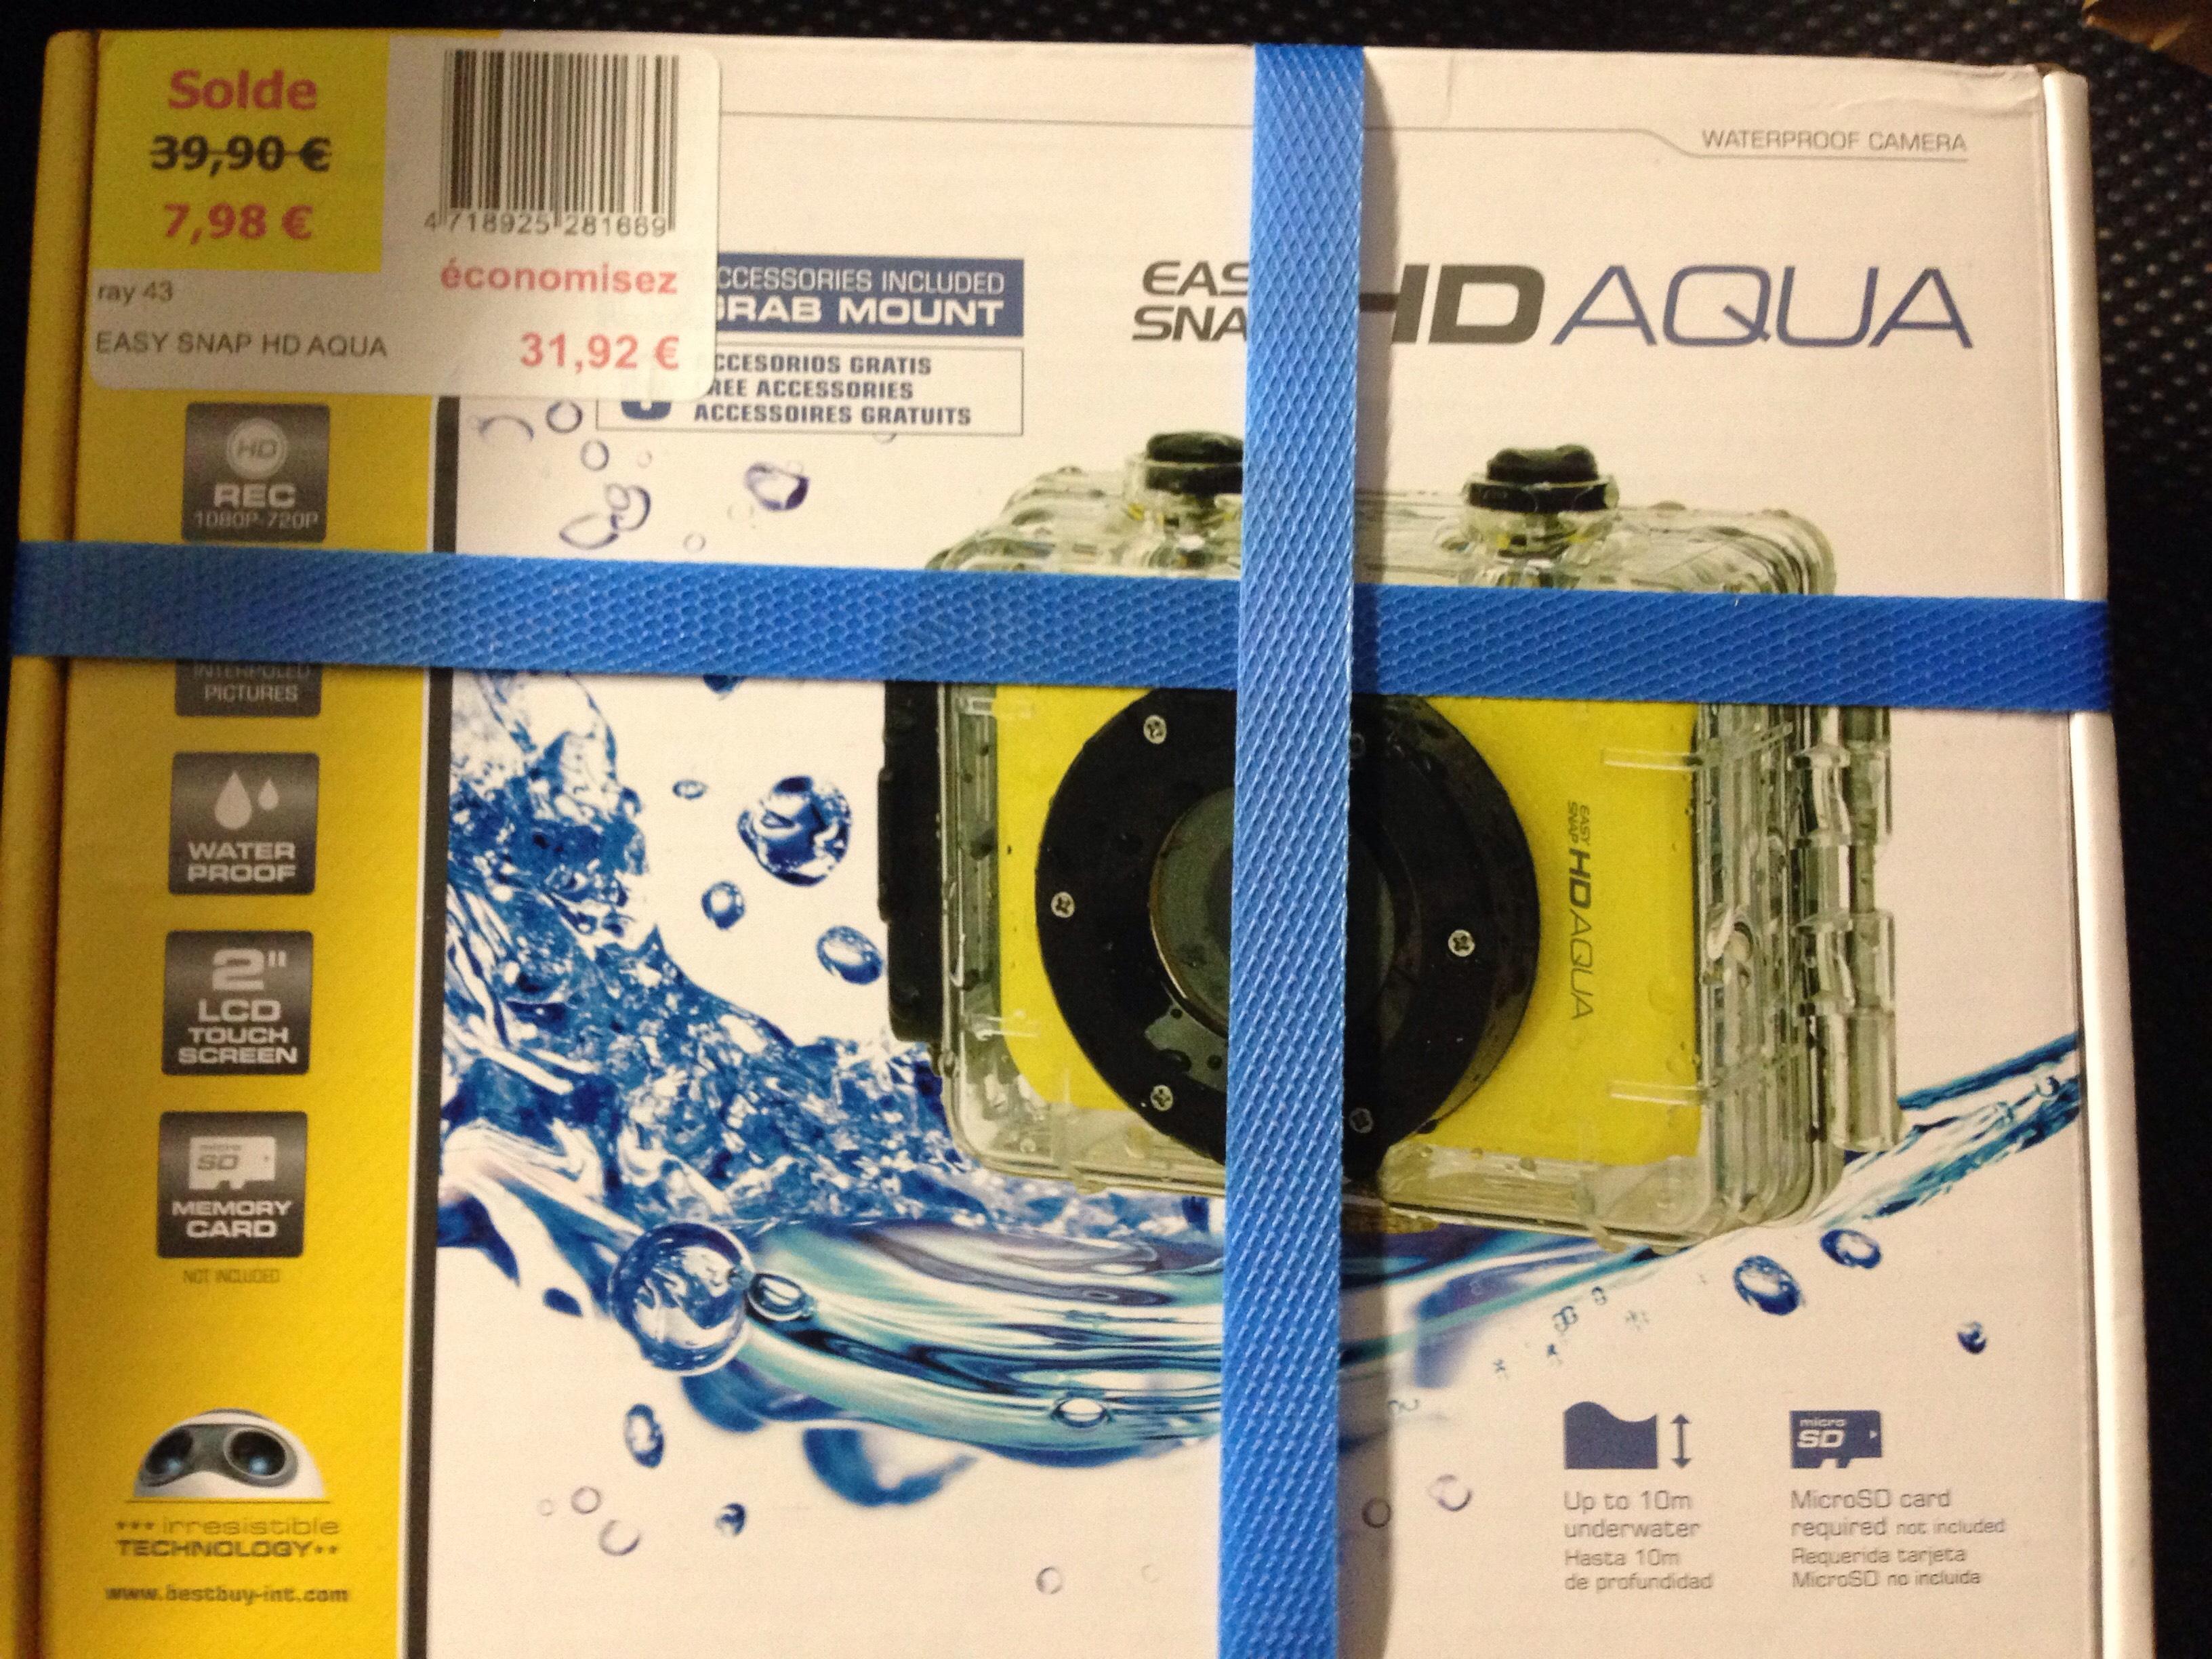 Caméra sportive Easysnap HD Aqua